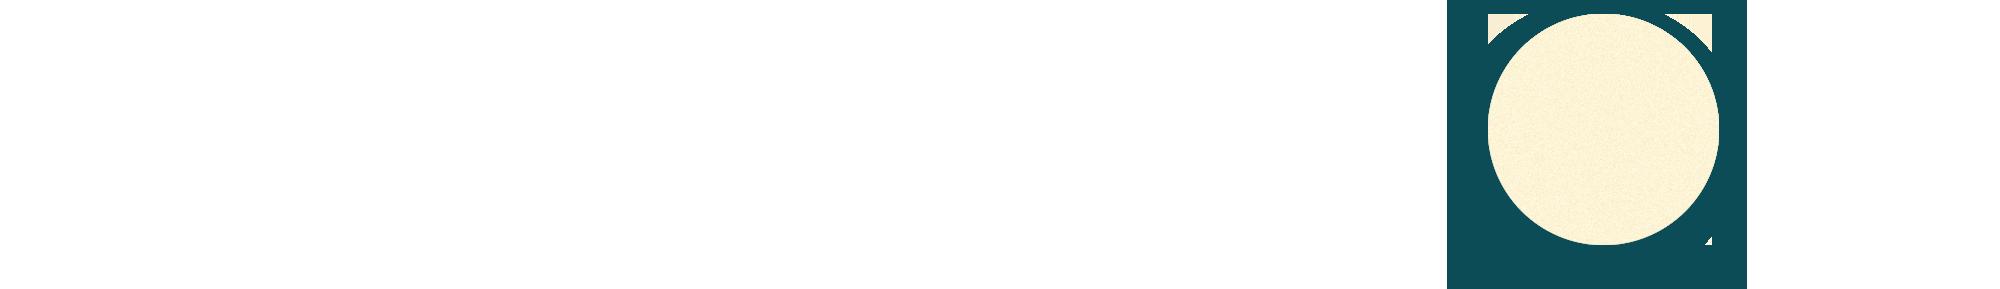 ebene